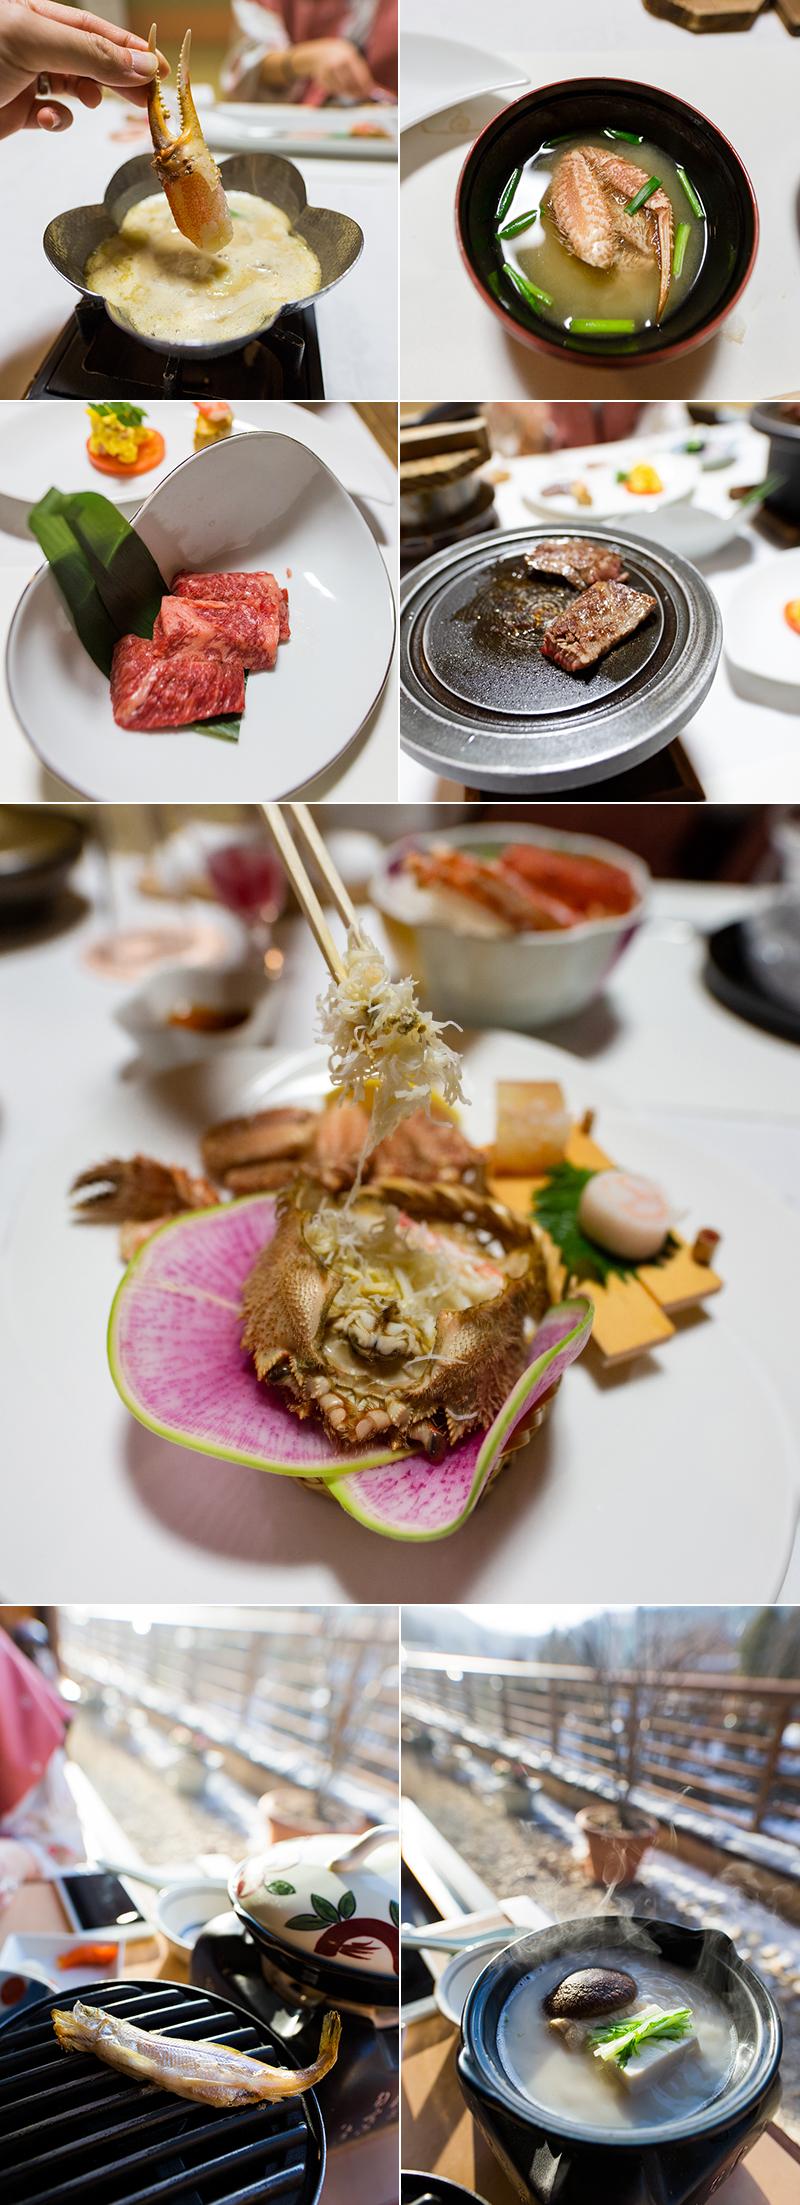 Noboribetsu - Food.jpg